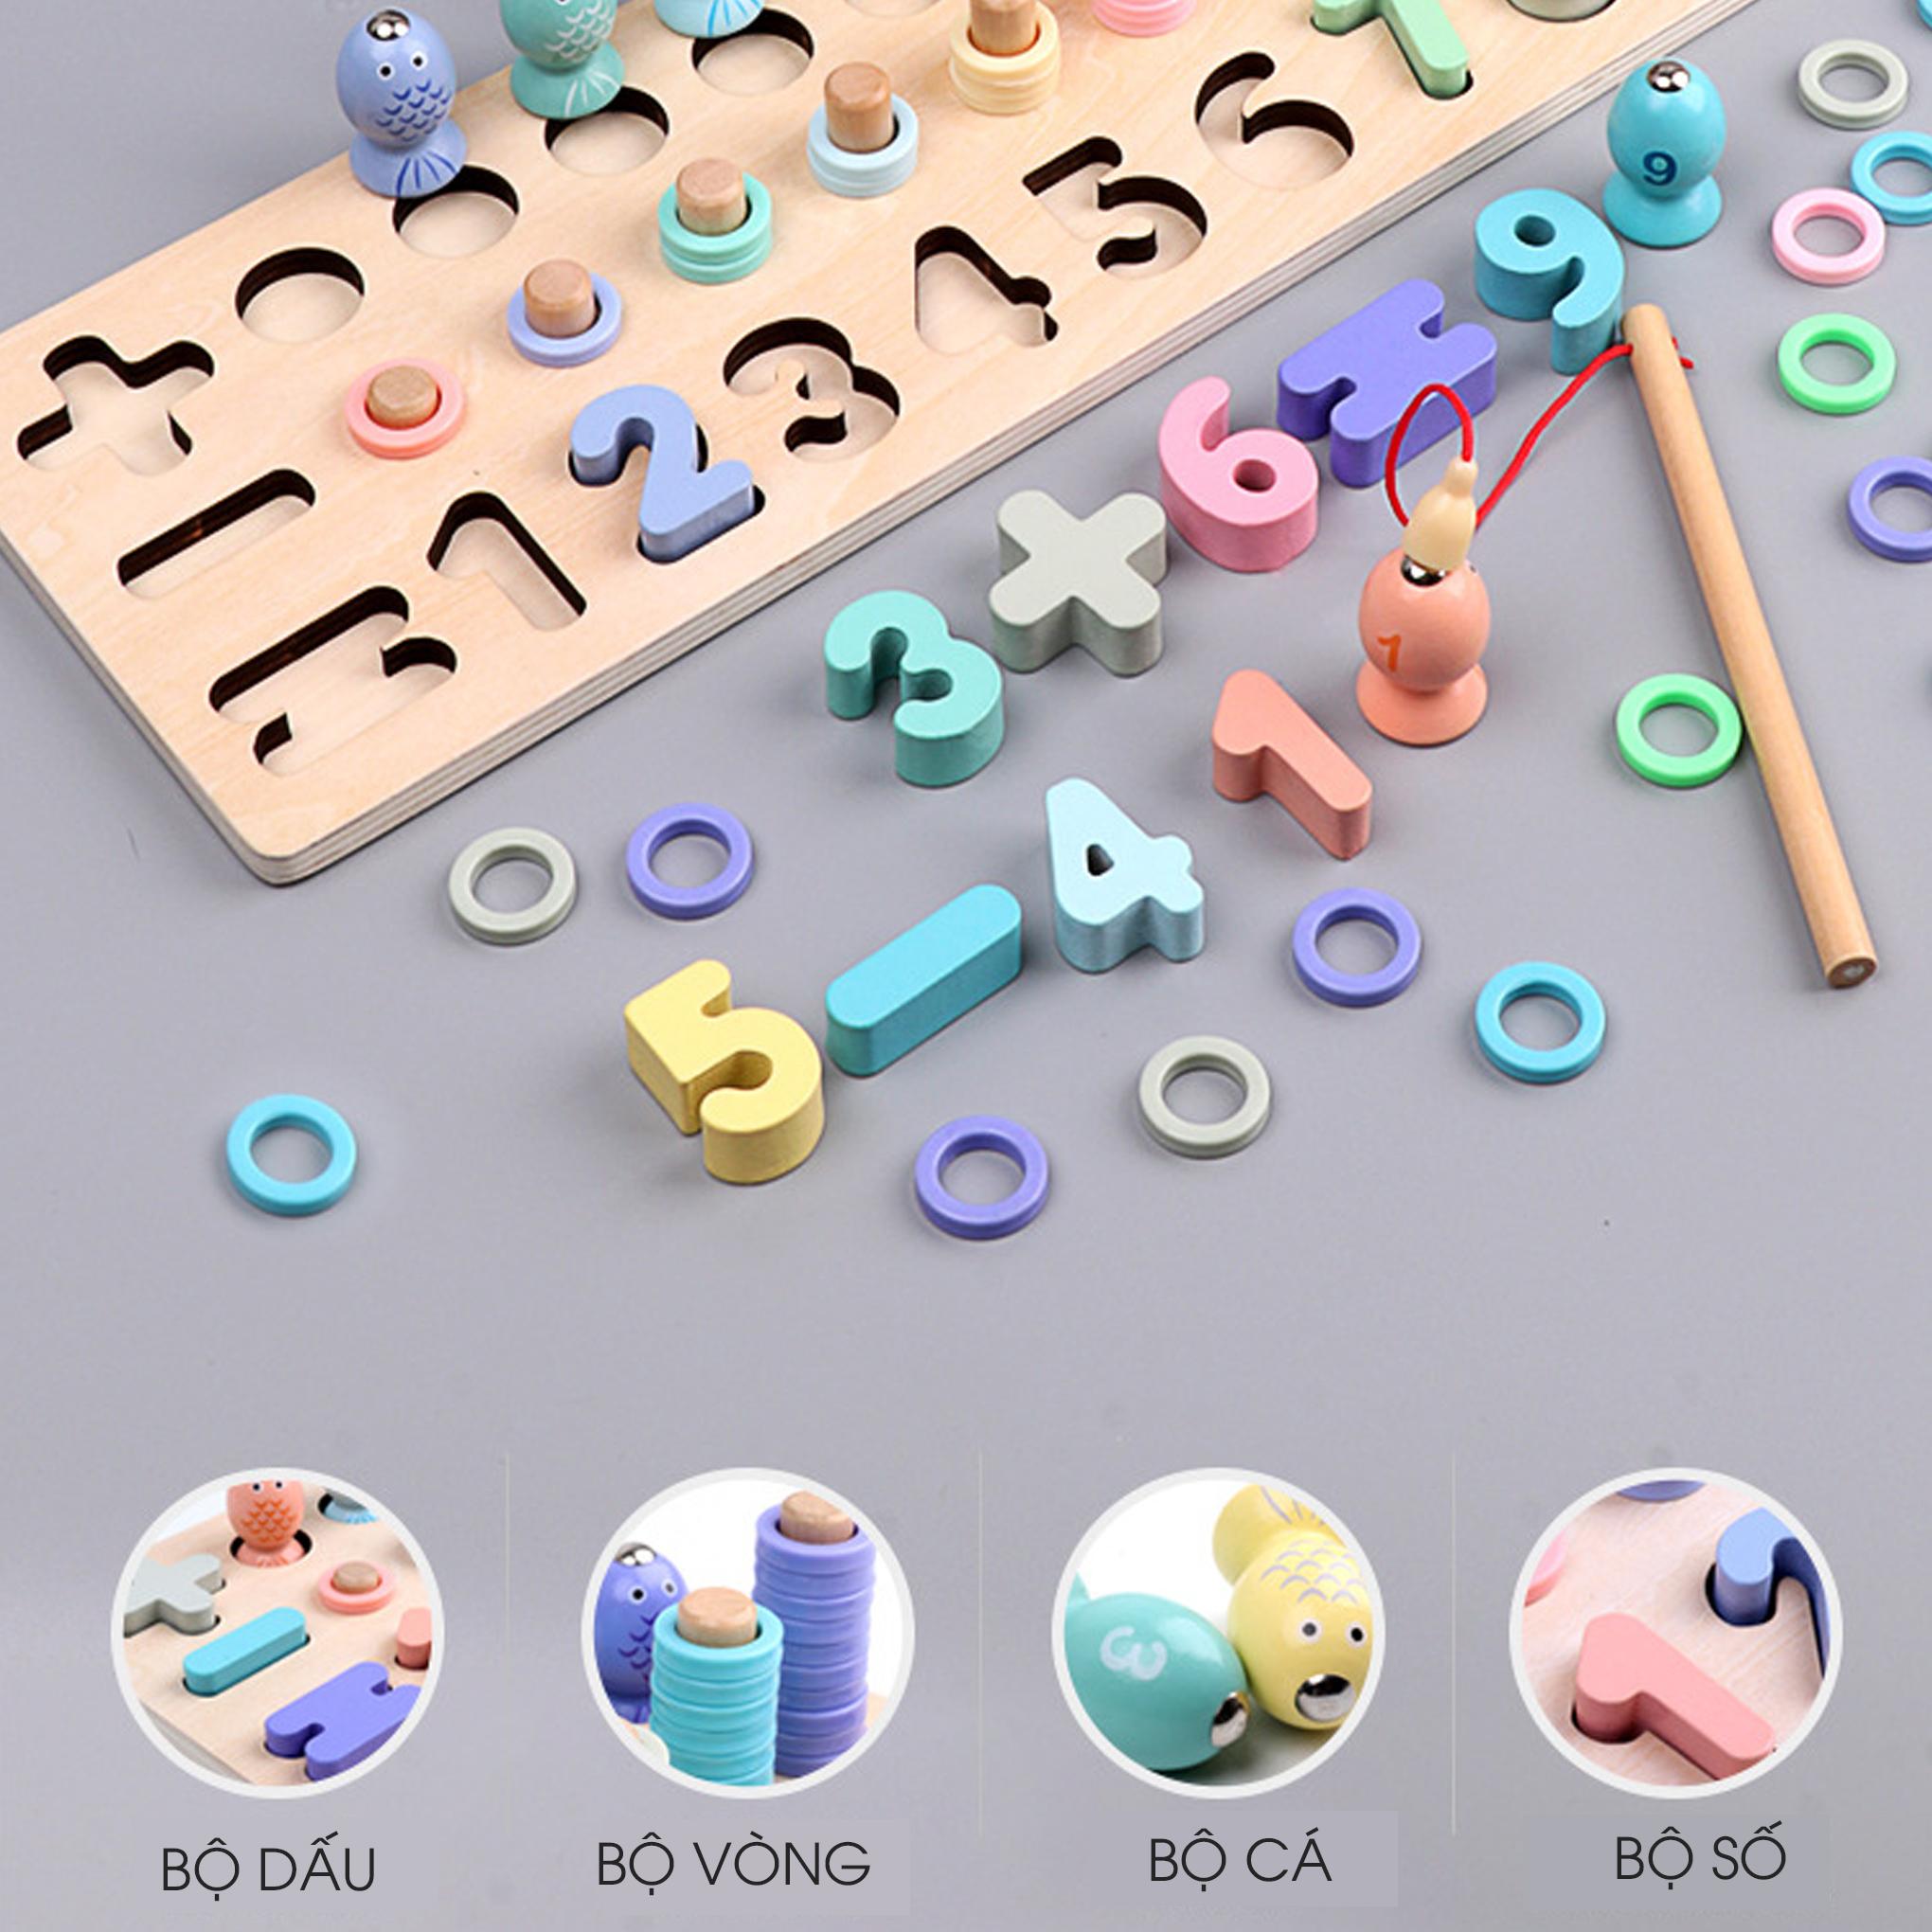 Đồ chơi trí tuệ - Đồ chơi giáo dục - Giáo cụ Montessori